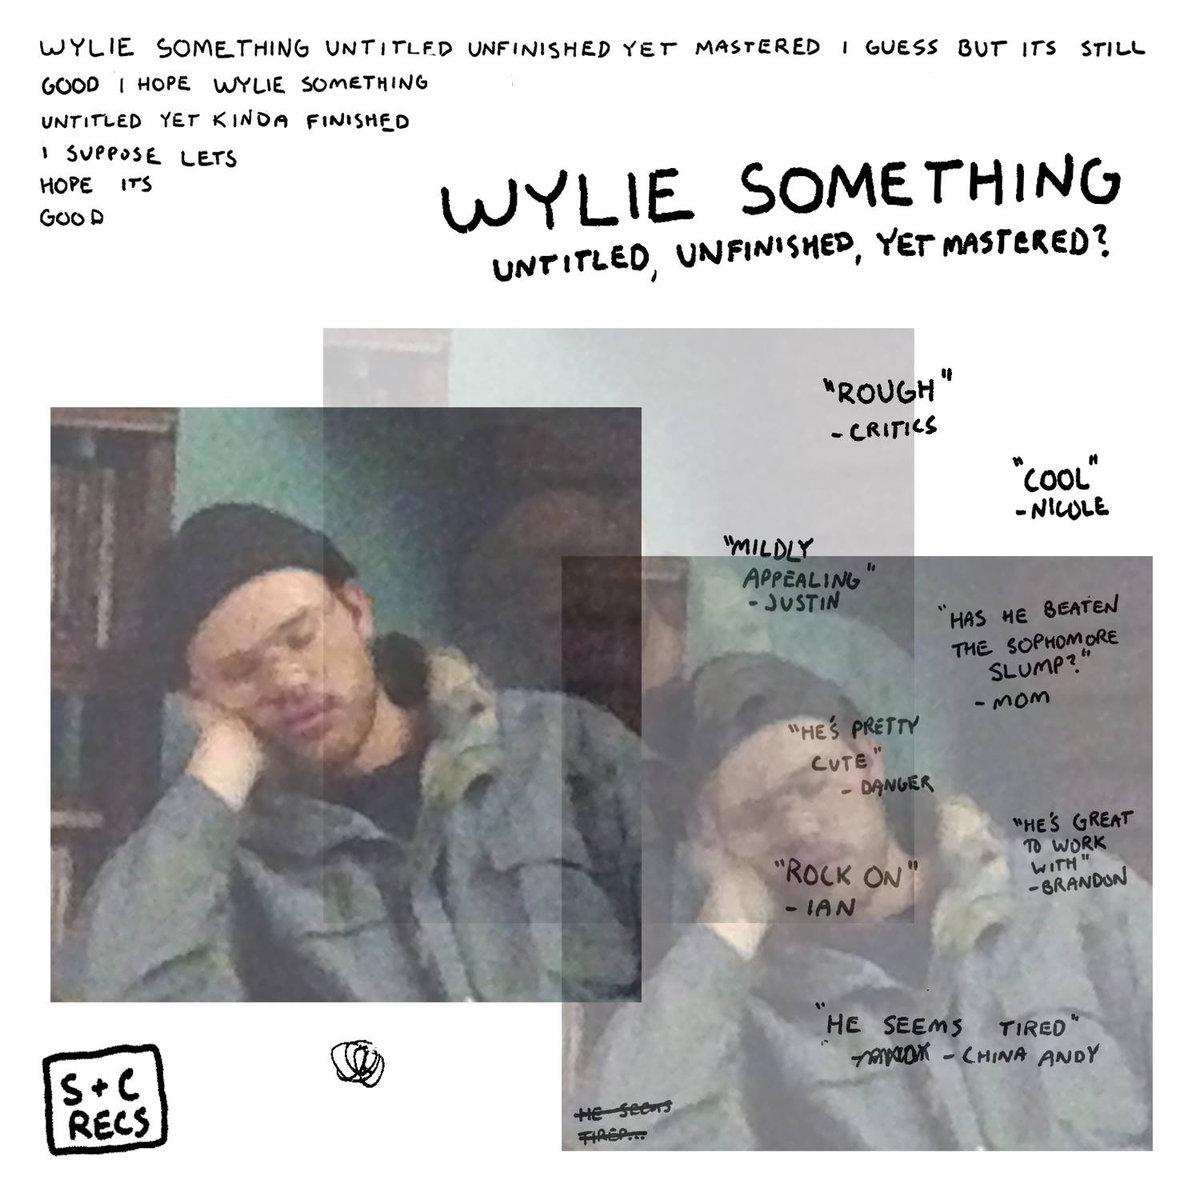 Wylie Something –  untitled, unfinished, yet mastered?